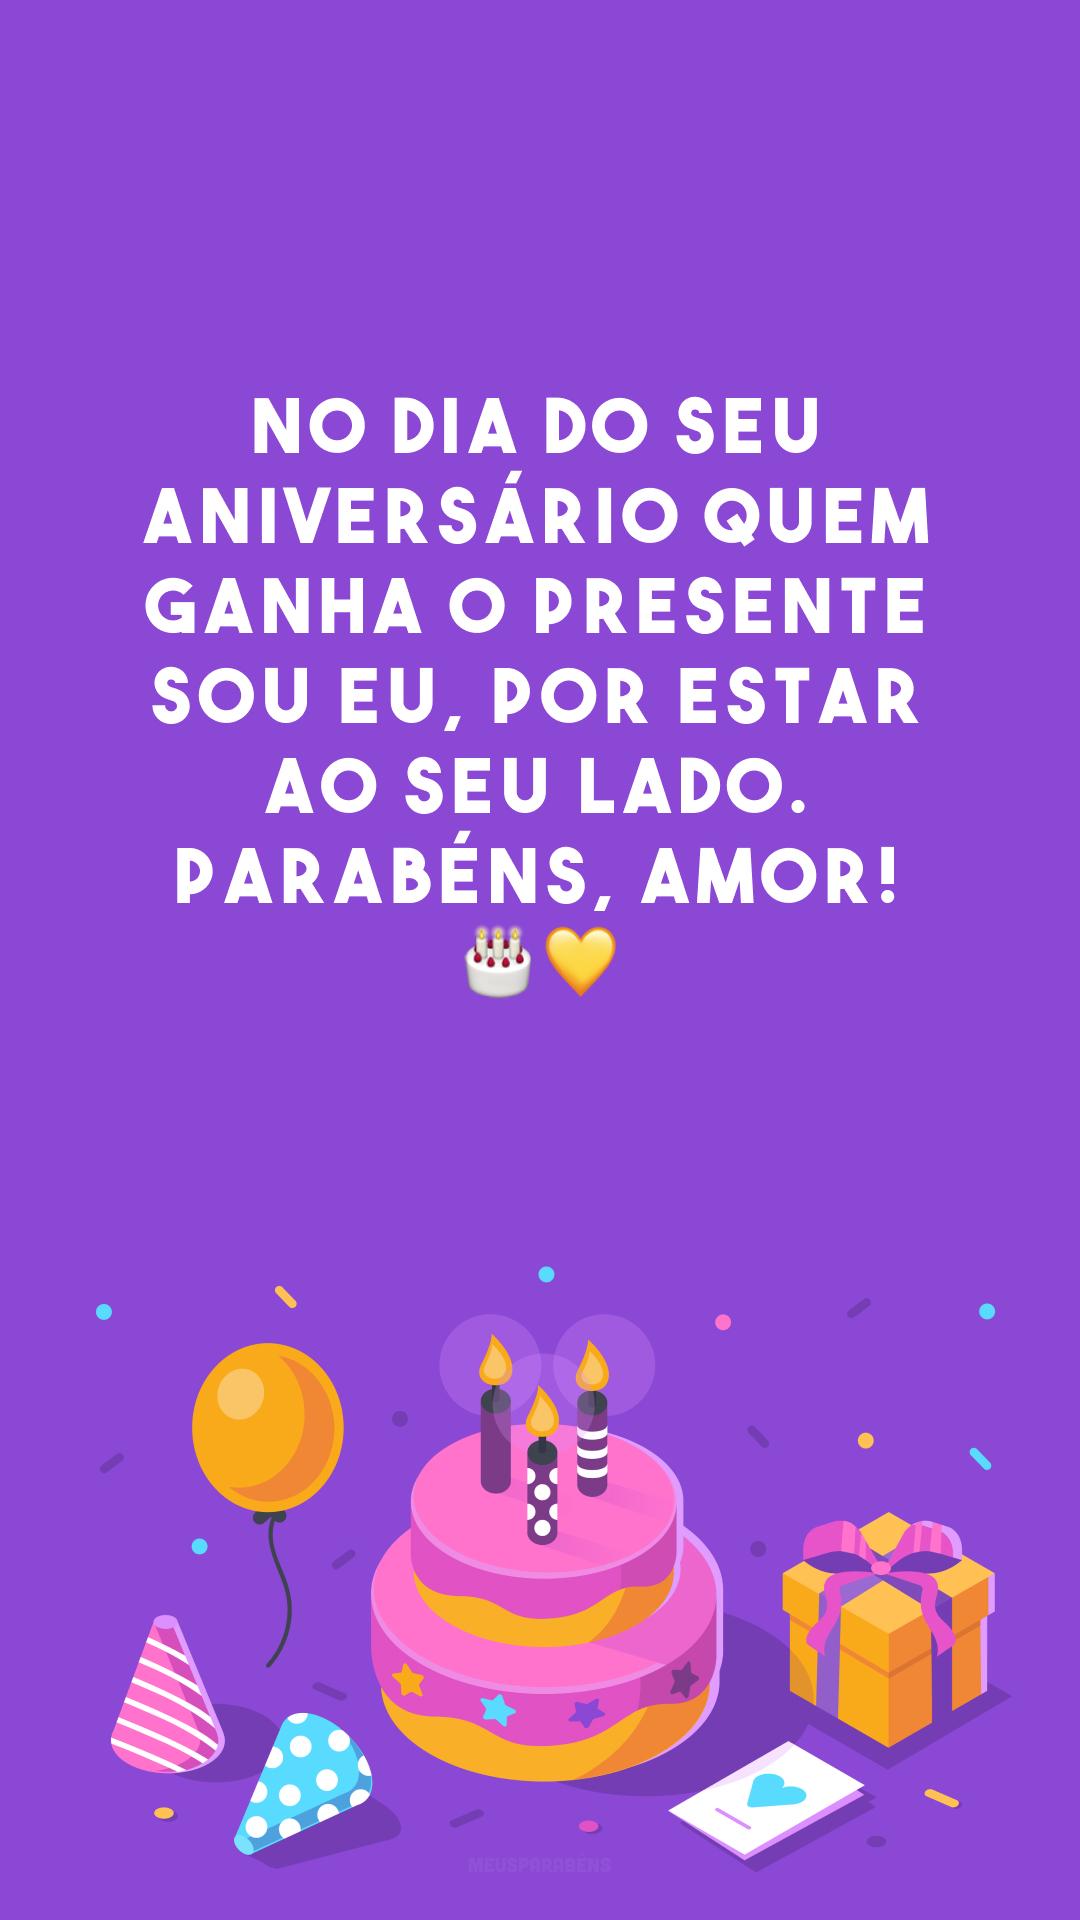 No dia do seu aniversário quem ganha o presente sou eu, por estar ao seu lado. Parabéns, amor! 🎂💛